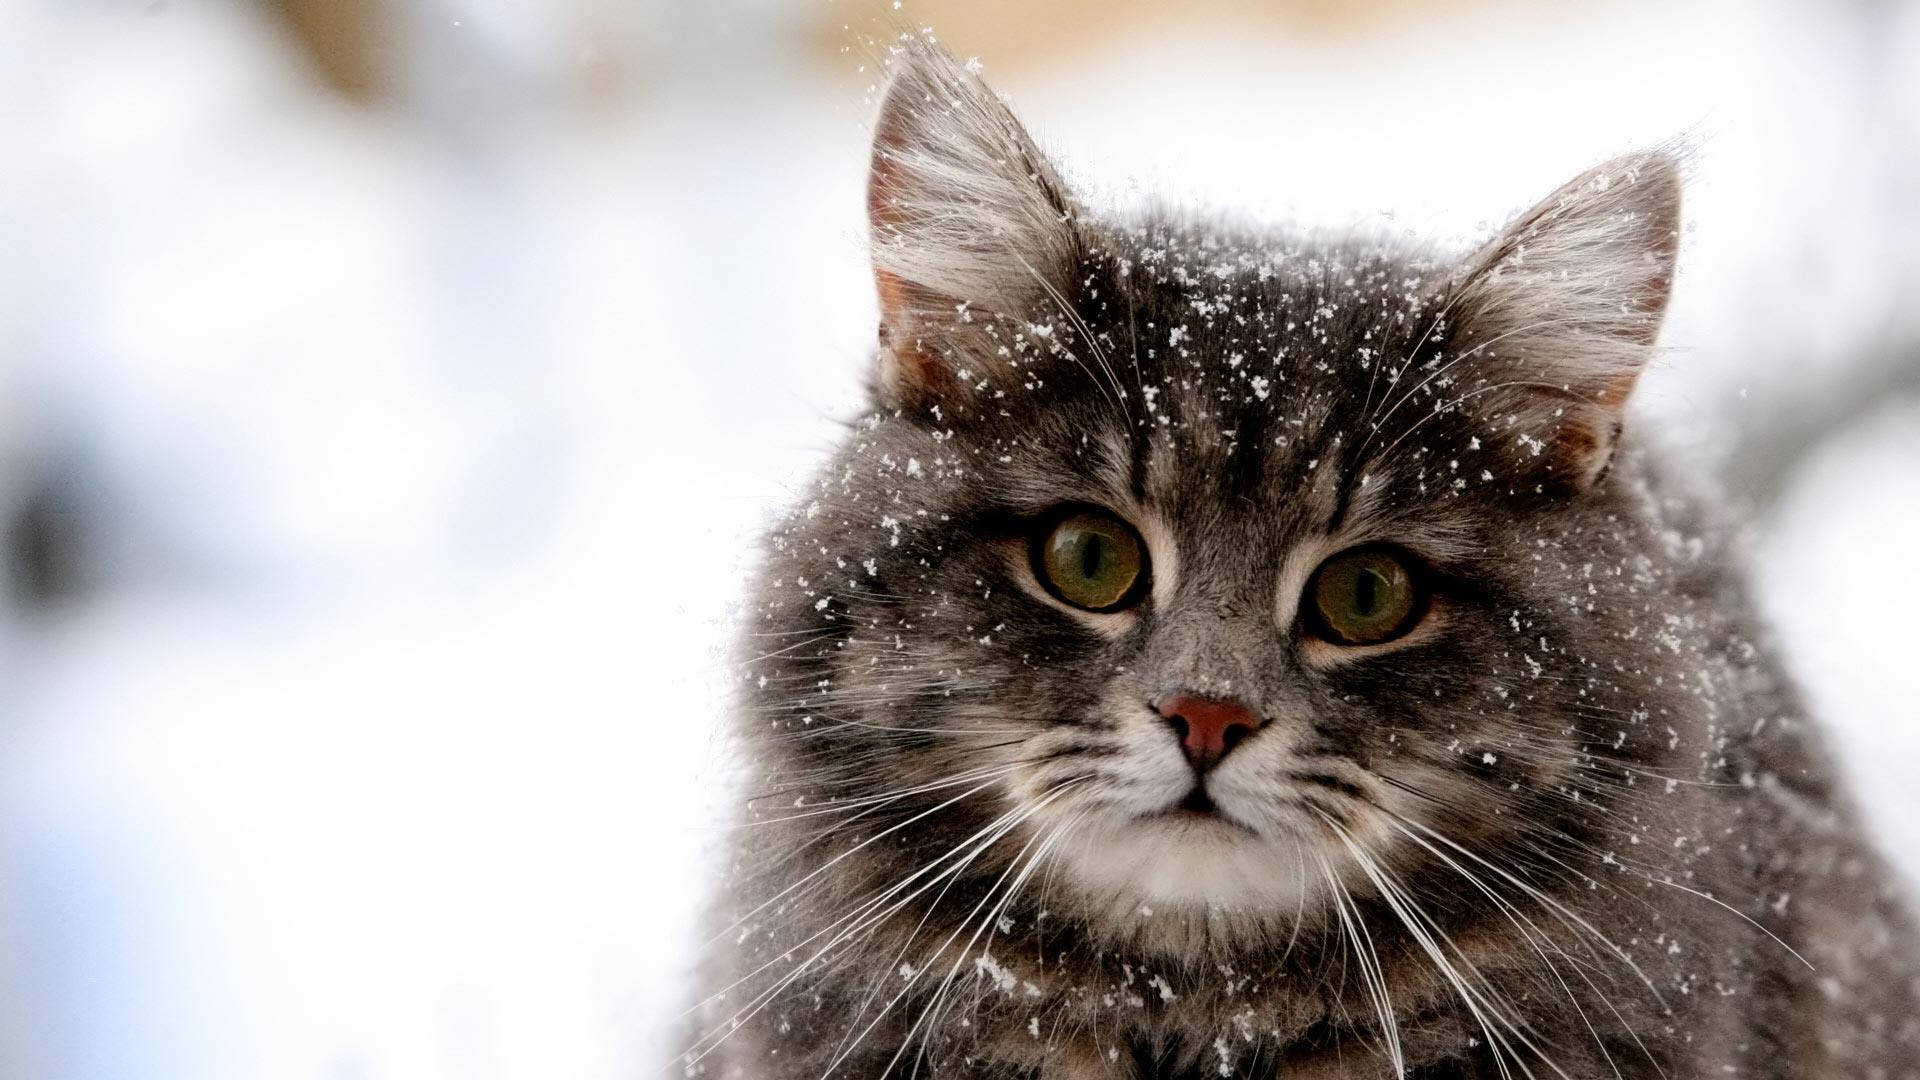 Cute Cat Winter Snow HD Wallpaper Cute Cat Winter Snow 1920x1080